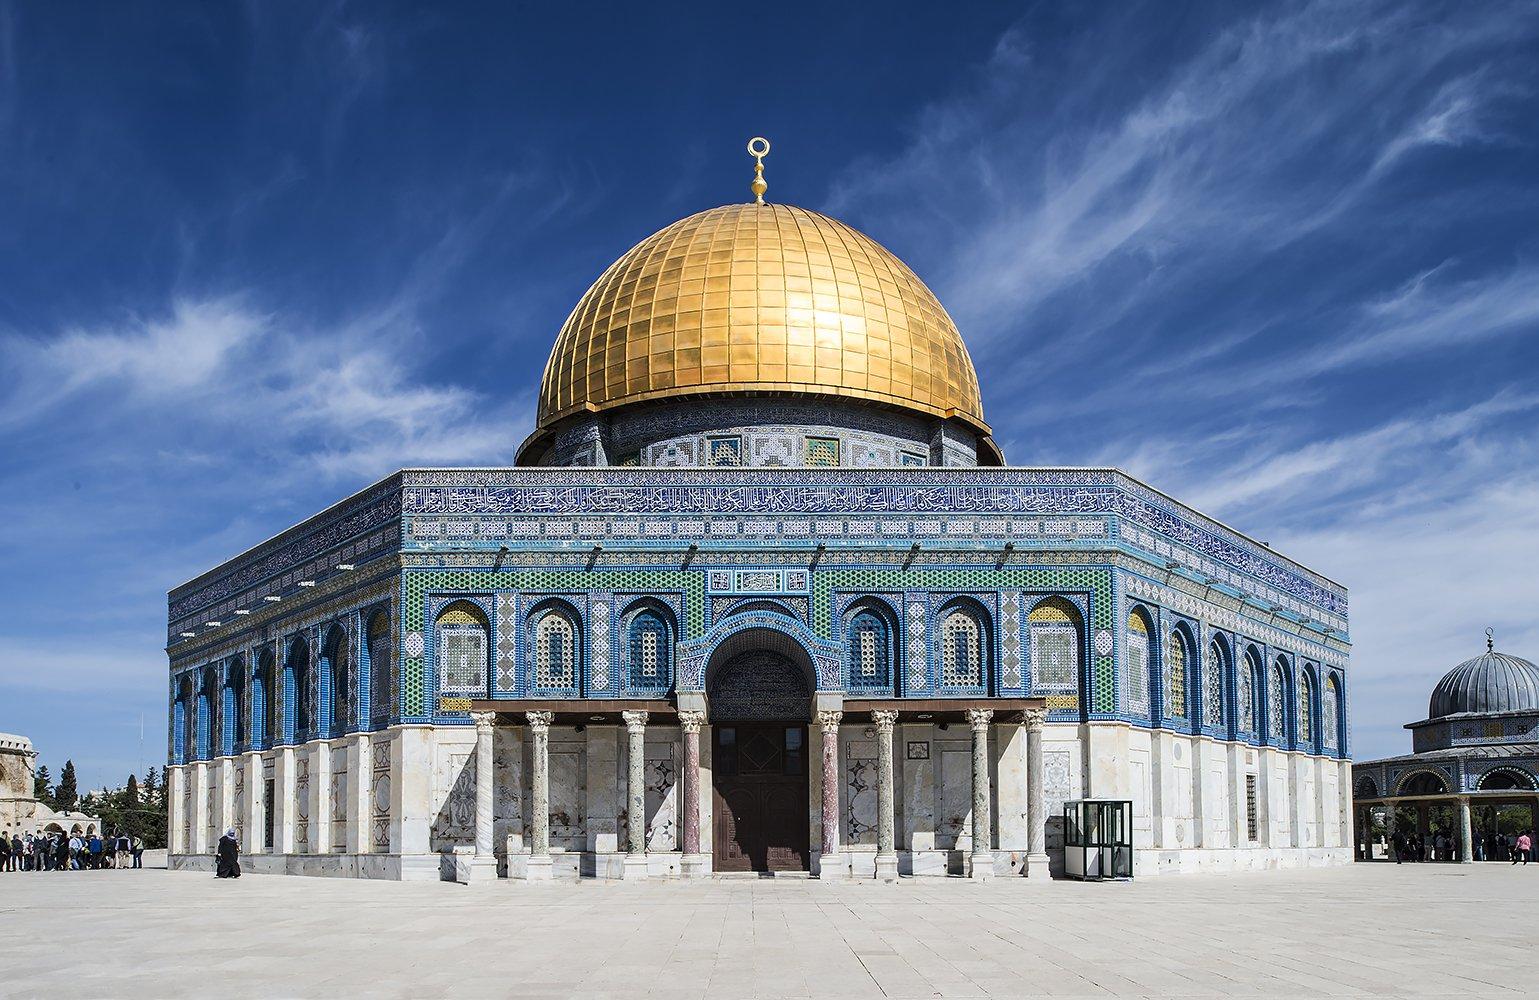 מסגד אל אקצה, יוהנס פלטן צילום